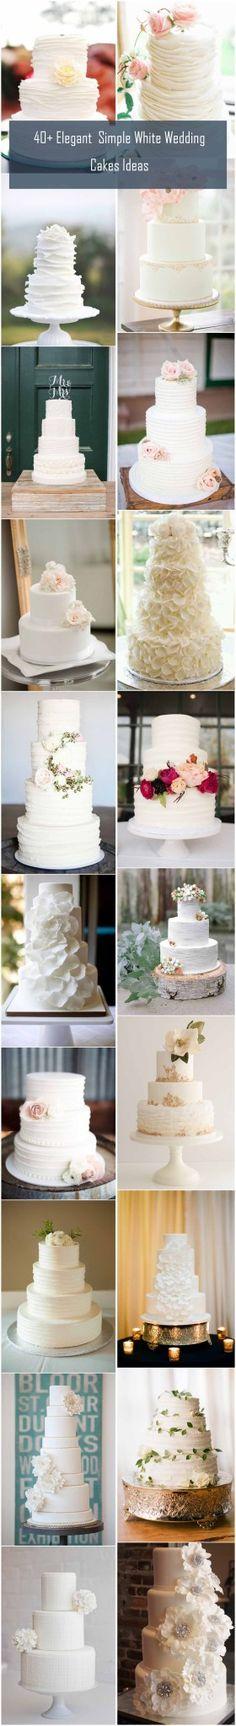 40+ Elegant and Simple White Wedding Cakes Ideas | www.weddinginclude.com/2016/08/elegant-and-simple-white-wedding-cakes-ideas/